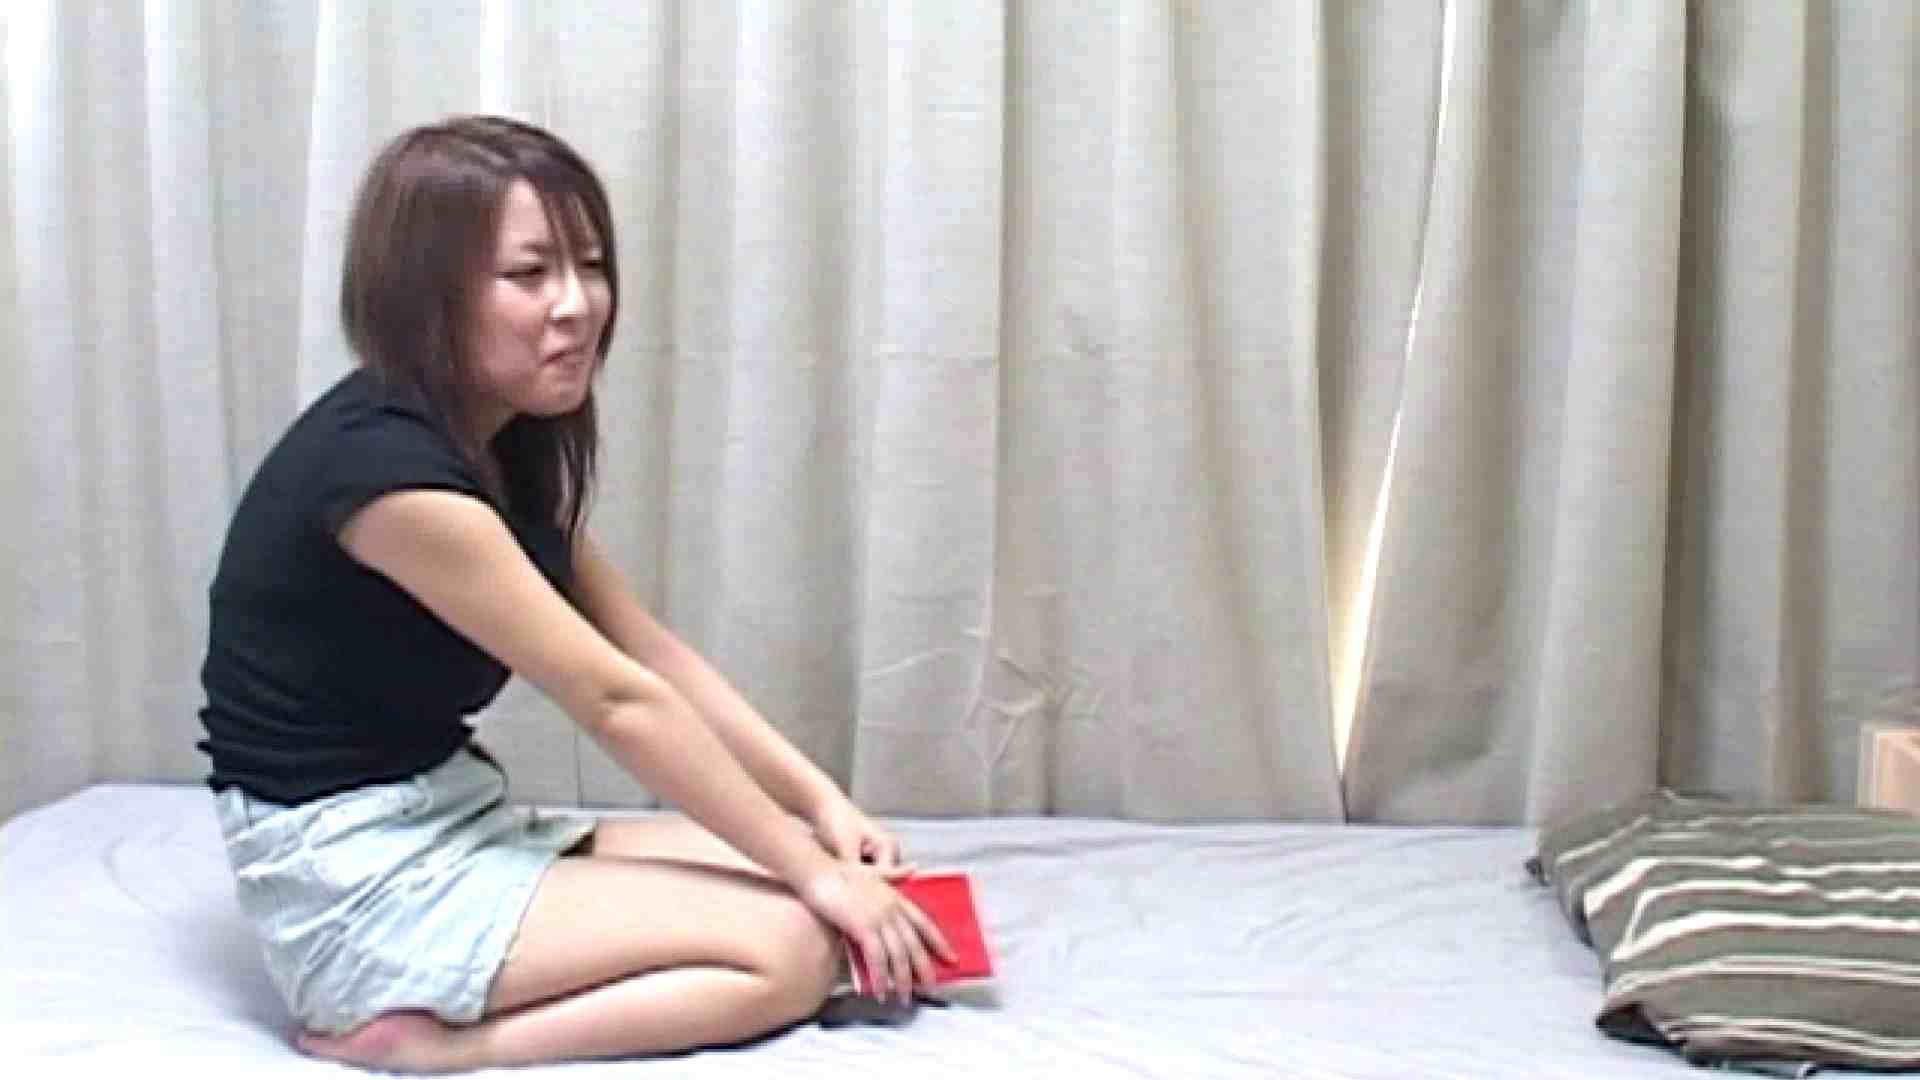 素人女良を部屋に連れ込み隠し撮りSEX!! その⑱ Eカップ潮吹き女良はる  細身  53PIX 18